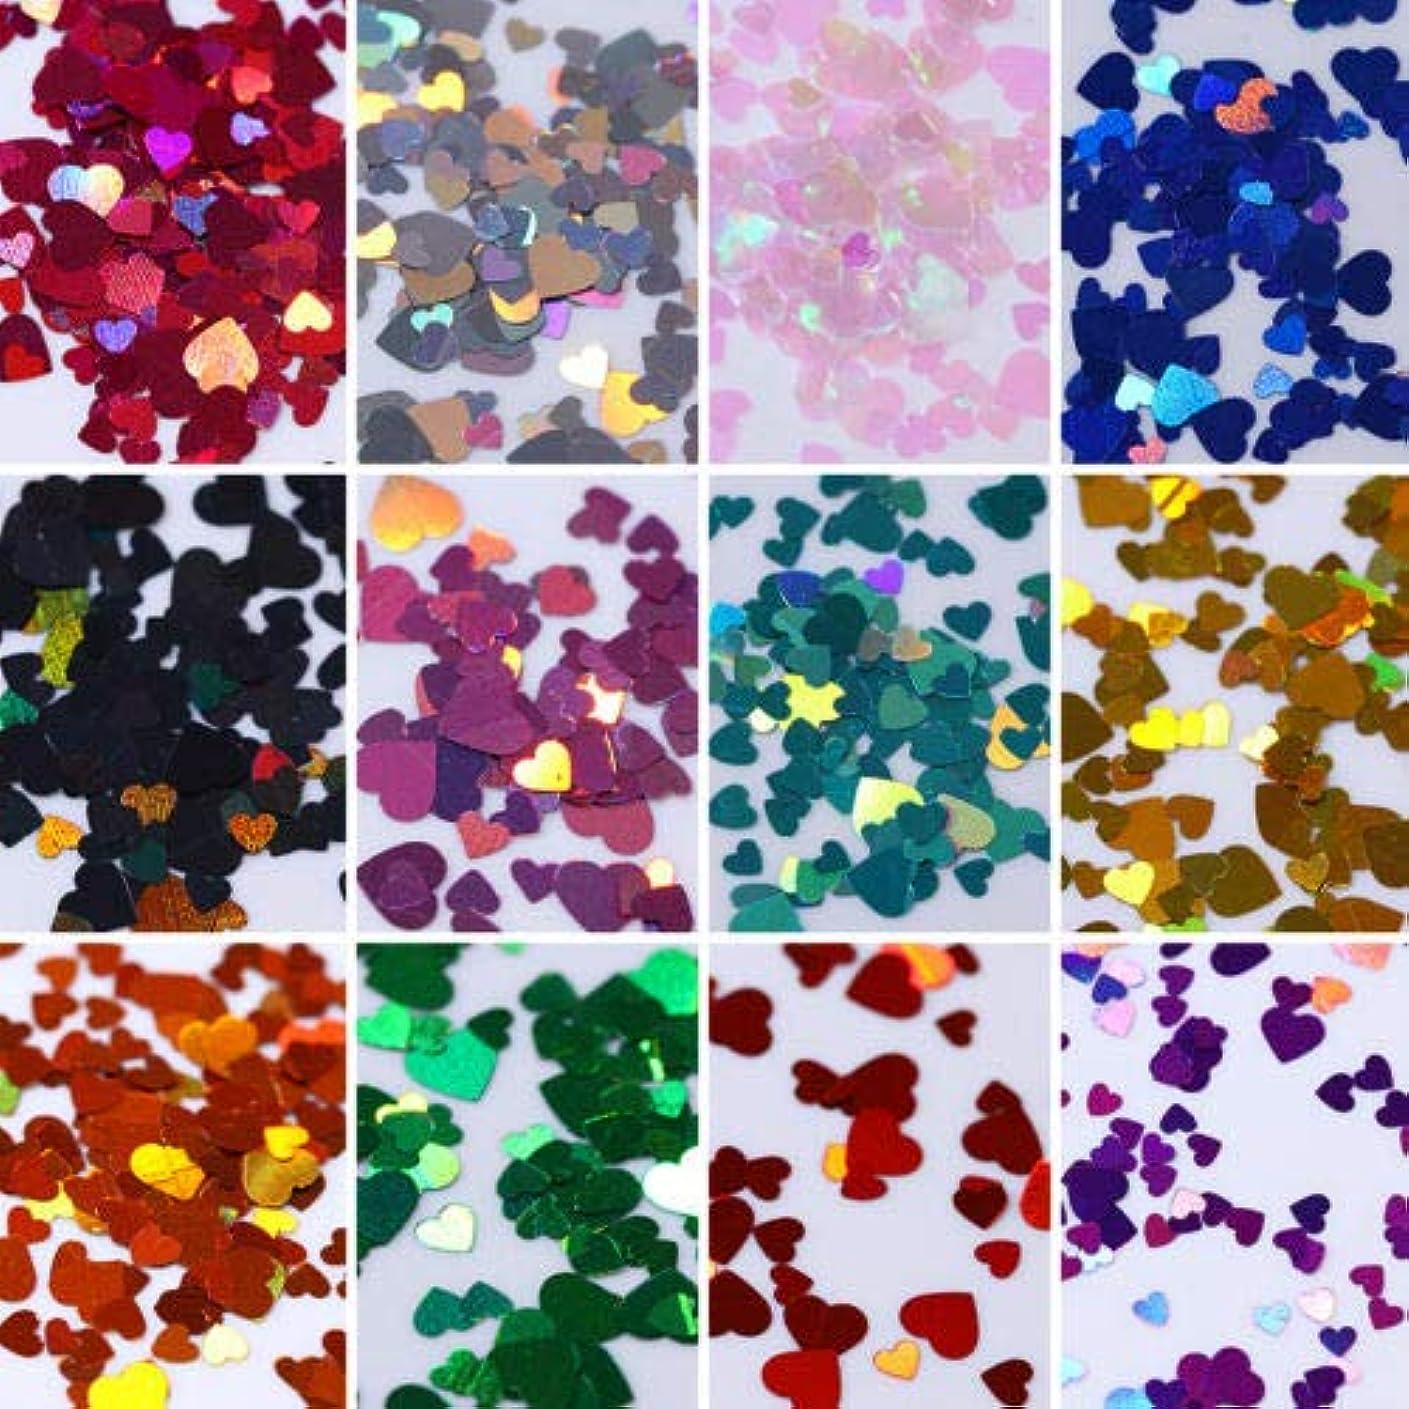 FidgetGear 12箱カラフルなホログラフィックネイルアートグリッタースパンコール虹色のハートフレーク